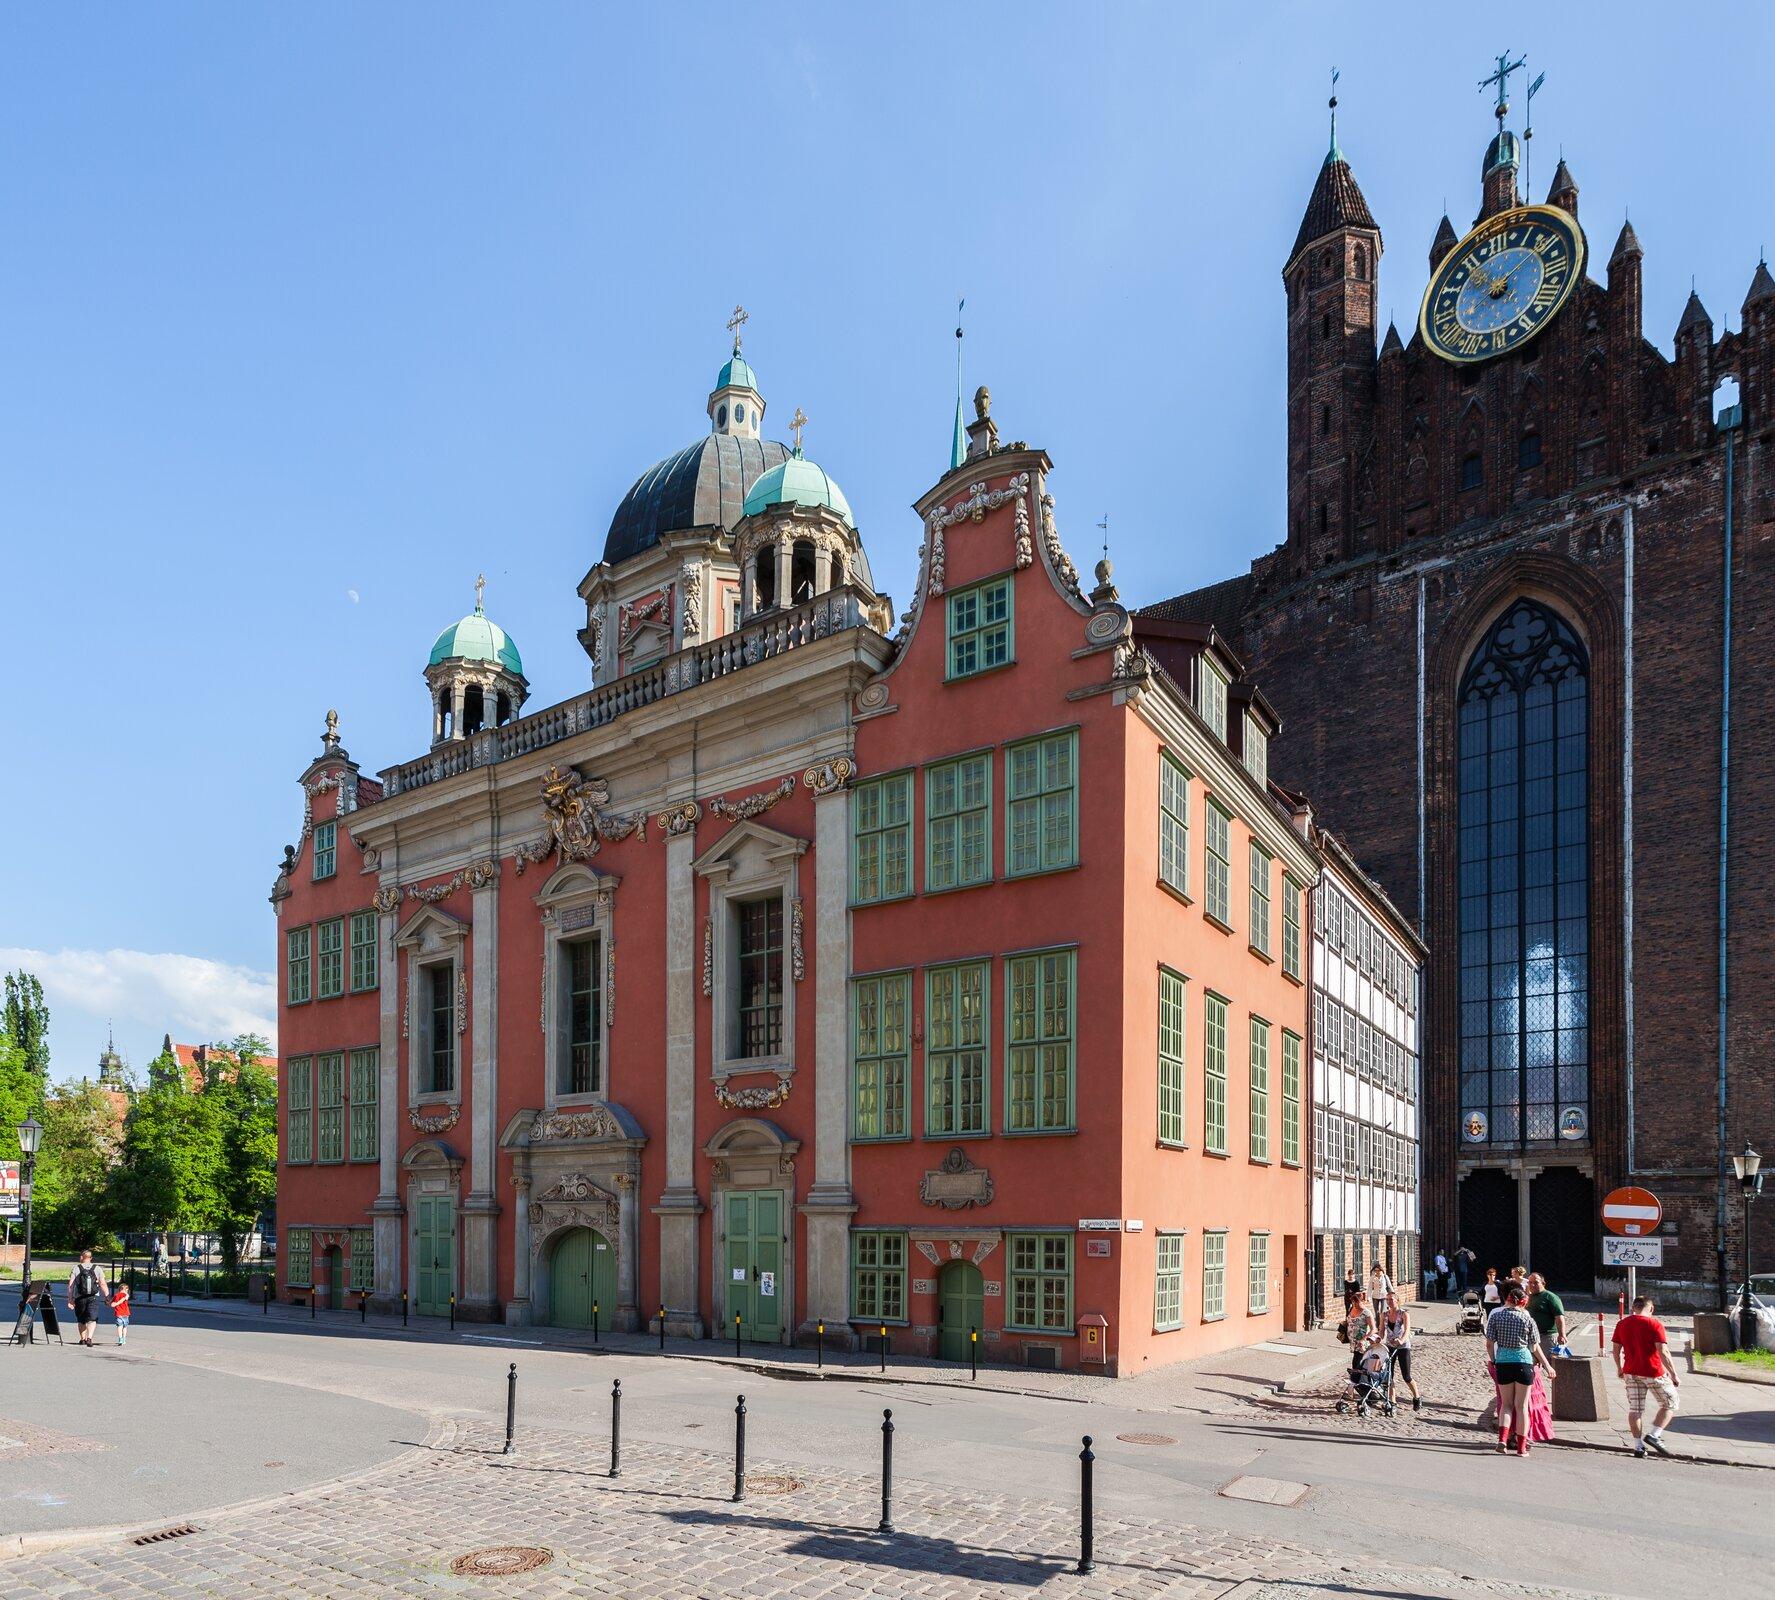 Ilustracja przedstawia barokową Kaplicę Królewską wGdańsku, która powstała wlatach 1678-1681 zinicjatywy gdańskich katolików zpomocą króla Polski Jana III Sobieskiego. Architektem kaplicy był Tylman zGameren. Pierwszą część stanowi budynek oróżowym kolorze elewacji ztrzema wejściami itrzema kopułami. Środkowa kopuła jest wyraźnie większa od bocznych. Prawa część zdjęcia to druga część budynku. Jest wyraźnie wyższa od pierwszej, ana samej górze znajduje się duży zegar ikrzyż. Nad wejściem tej części znajduje się okno ciągnące się wgórę prawie do miejsca gdzie jest zegar.